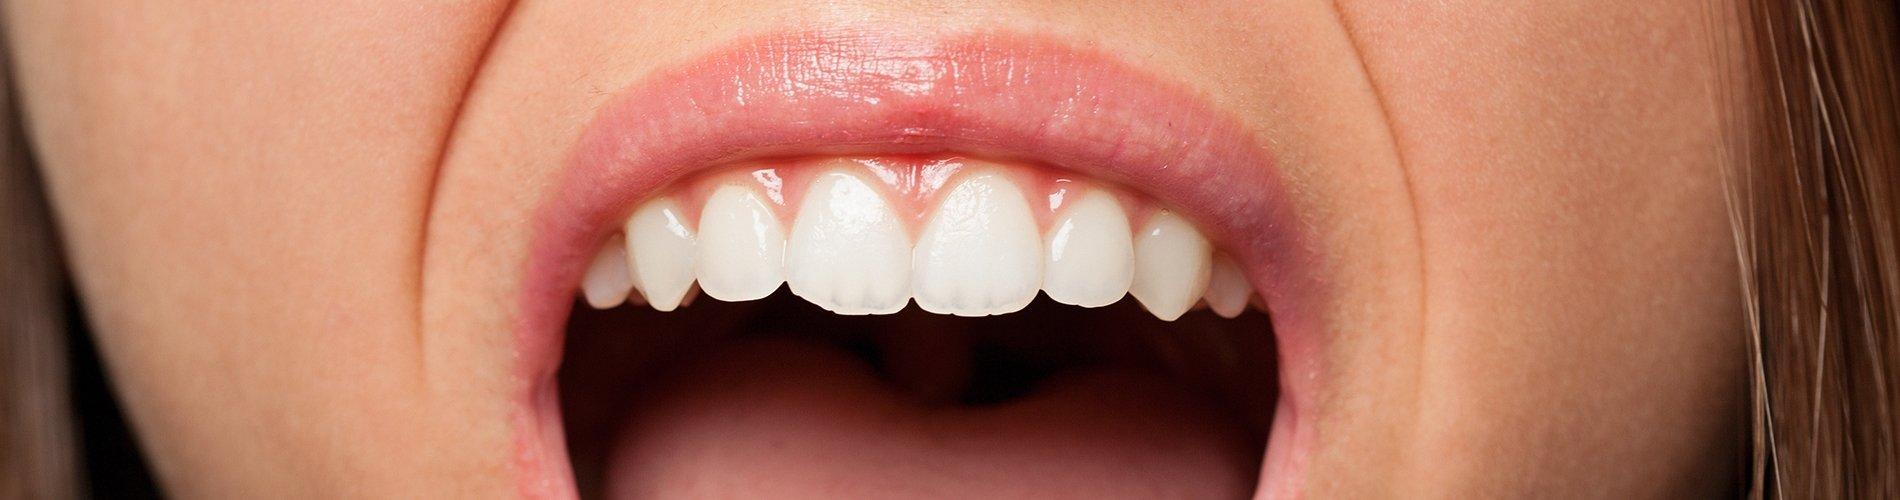 ¿Cómo reducir la inflamación de las encías?